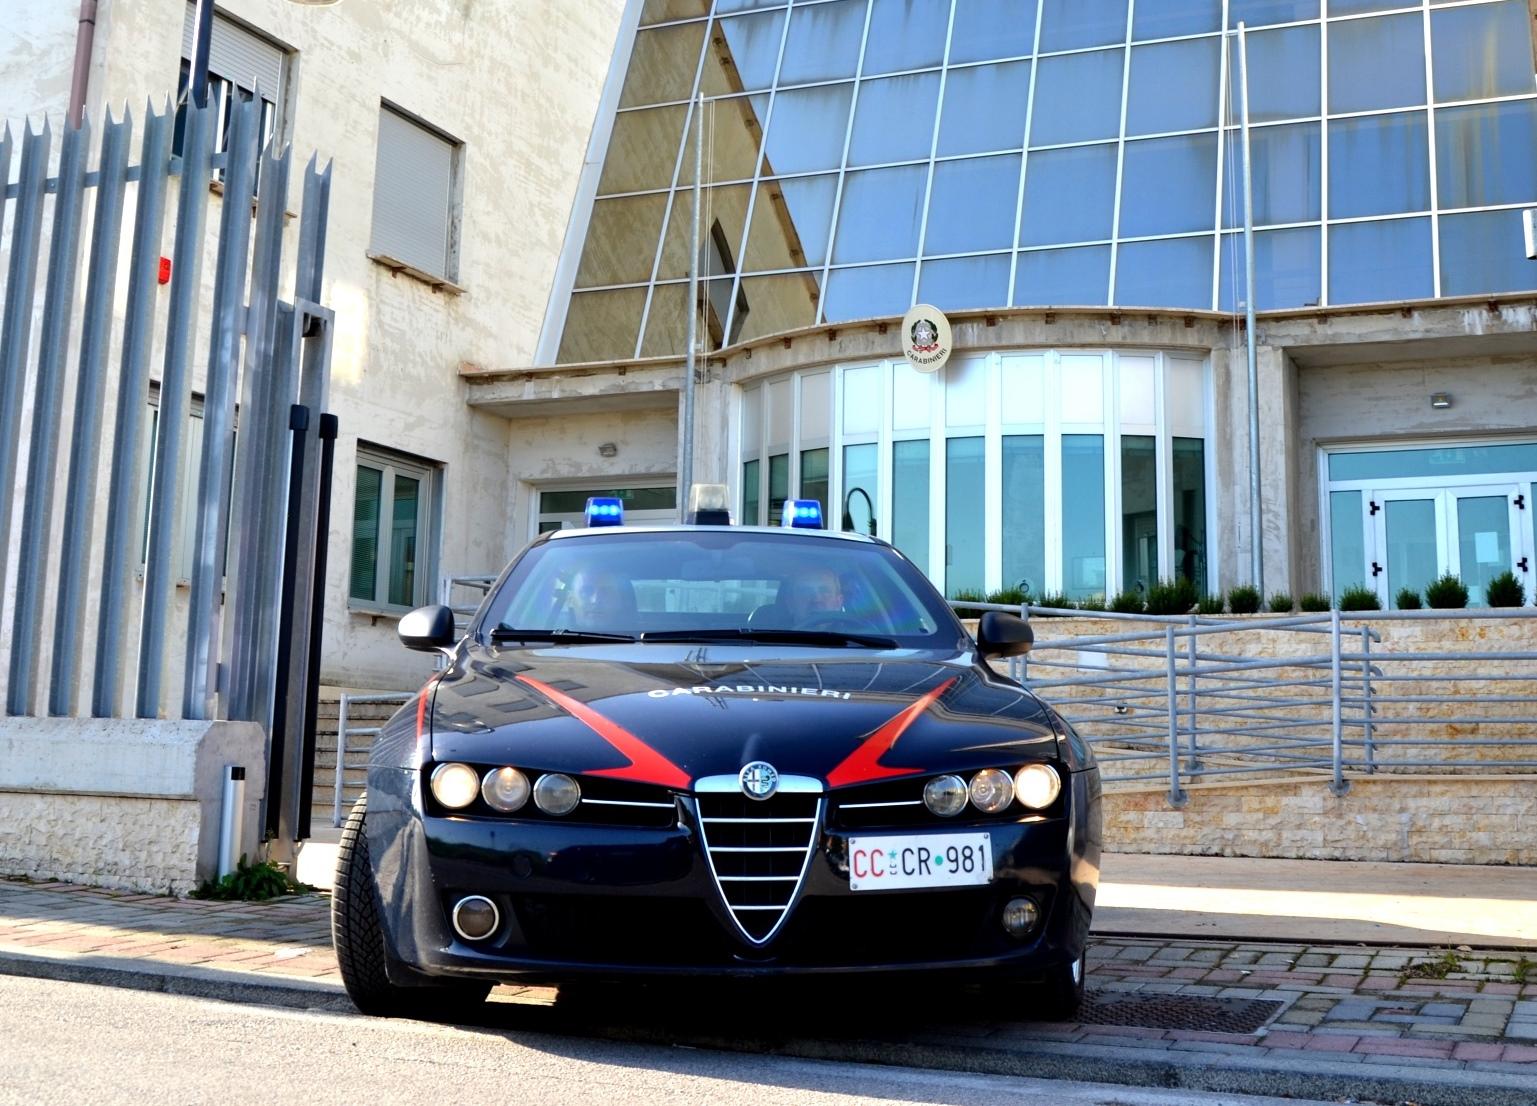 Pattuglie dei carabinieri dinanzi alle scuole per garantire maggiore sicurezza